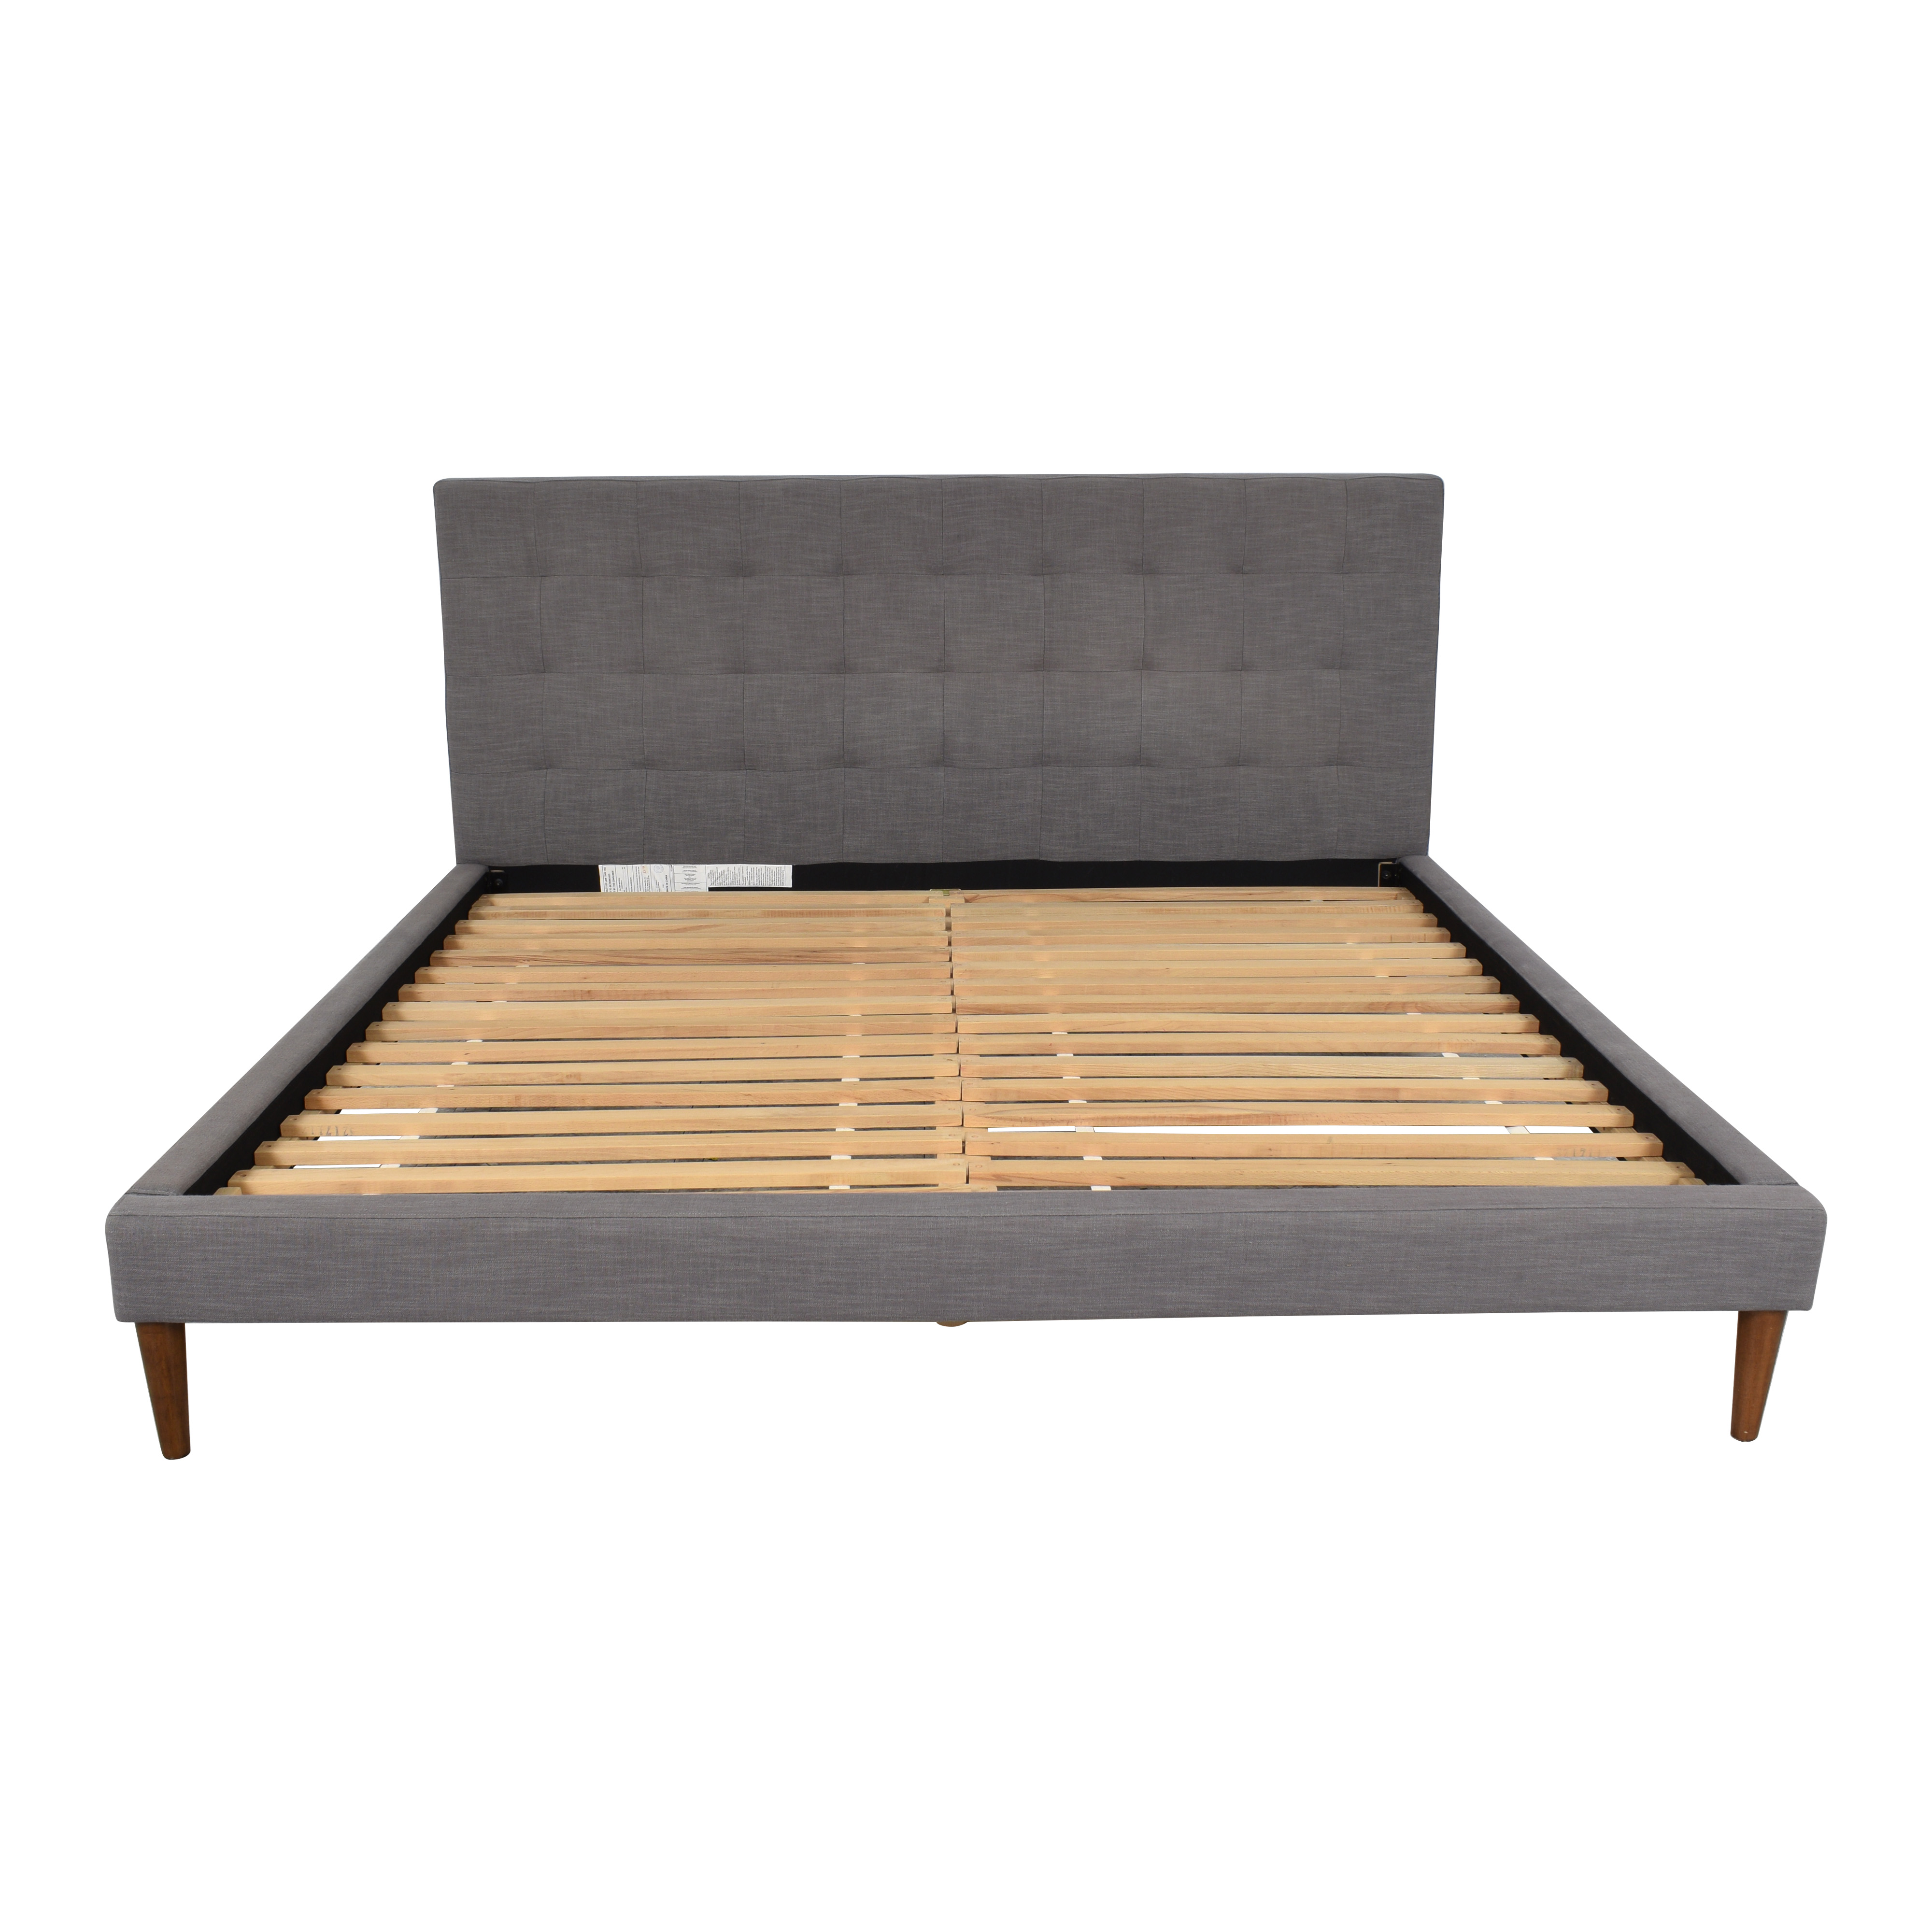 West Elm West Elm Grid-Tufted Upholstered Tapered Leg King Bed nj